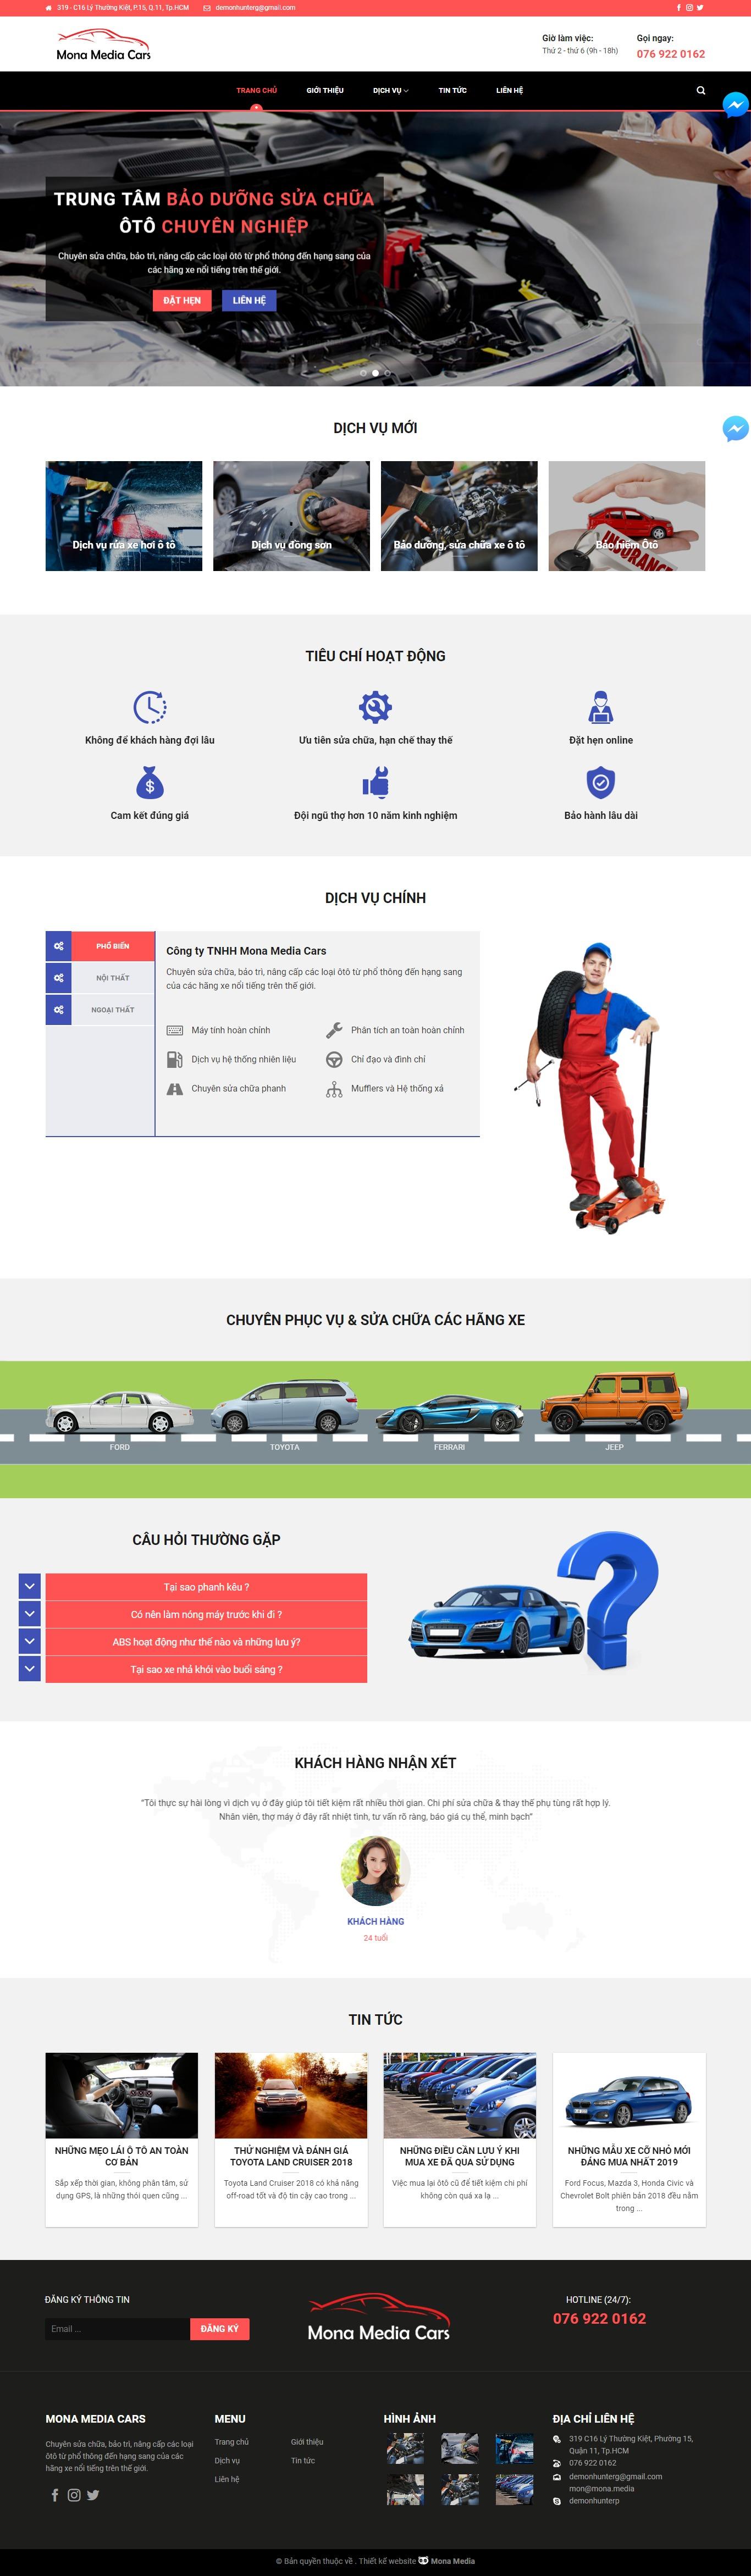 Mẫu website giới thiệu trung tâm bảo hành – bảo dưỡng ô tô Cardinal